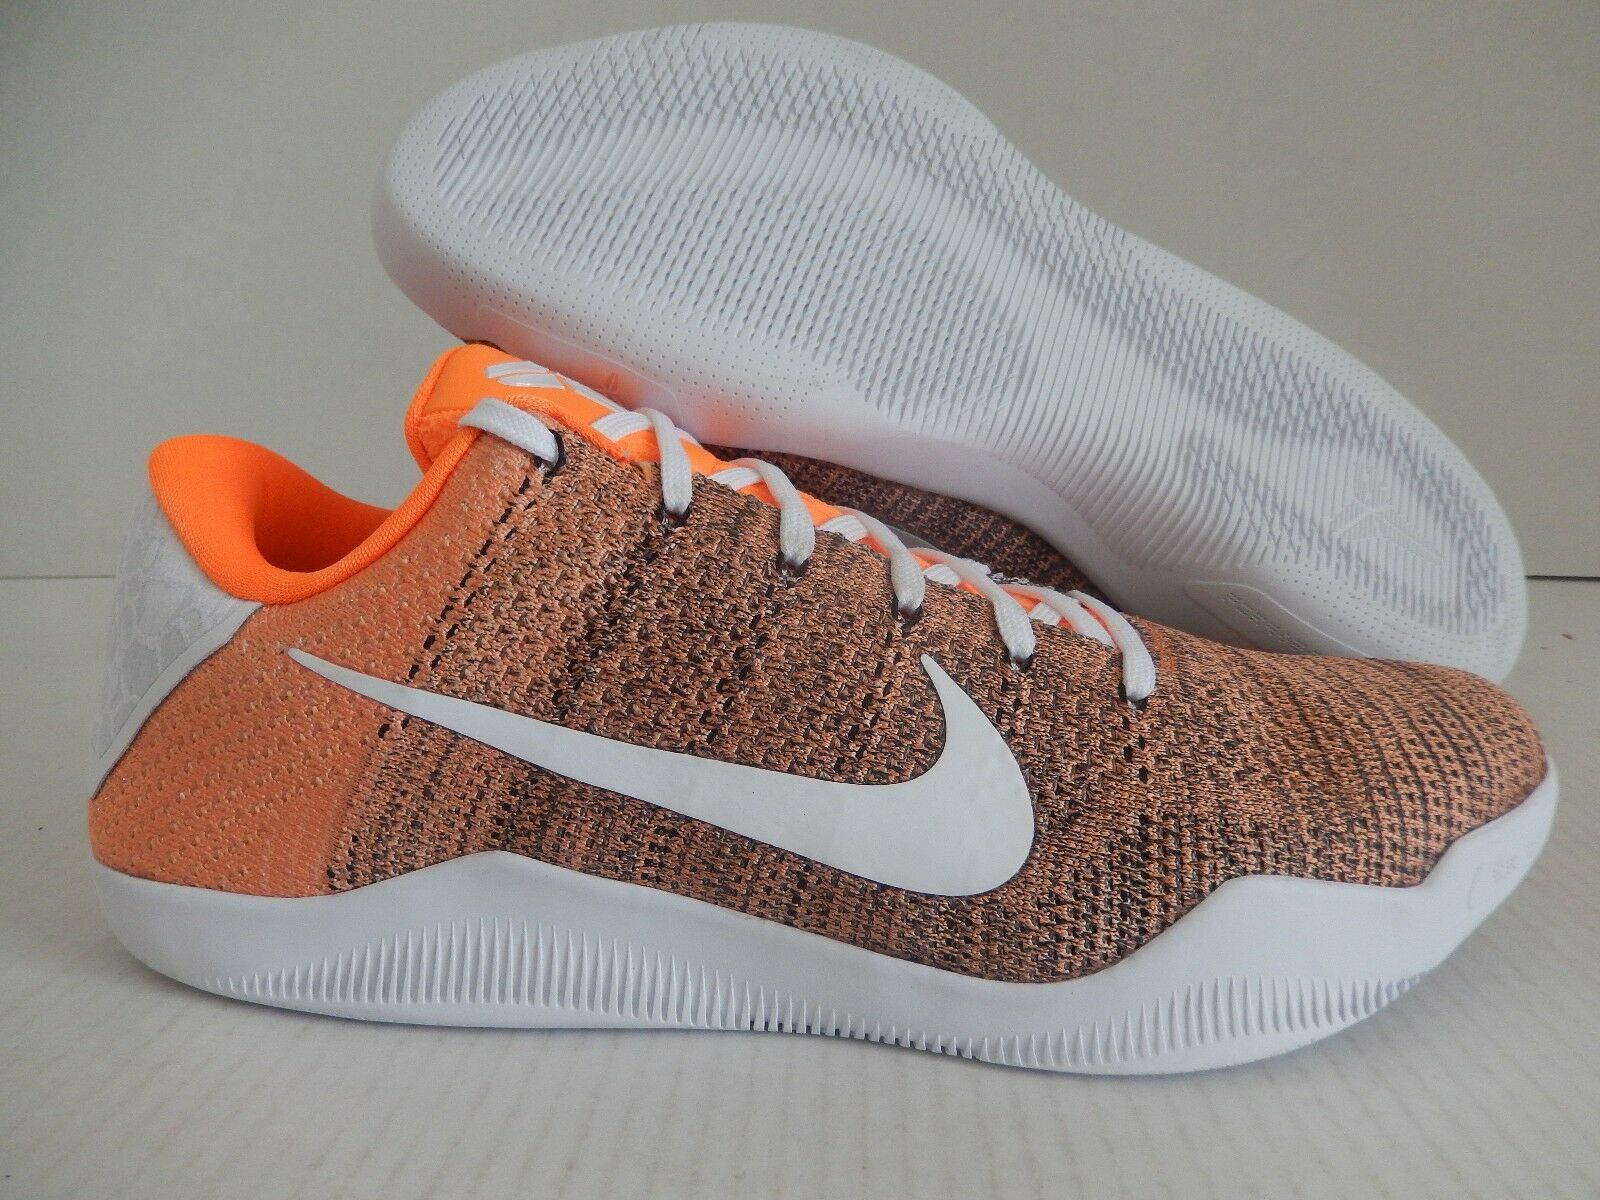 Nike Kobe XI 11 elite reducción id baja Flyknit Negro-Naranja-Blanco reducción elite de precios estacionales de recortes de precios, beneficios de descuentos 4285a1